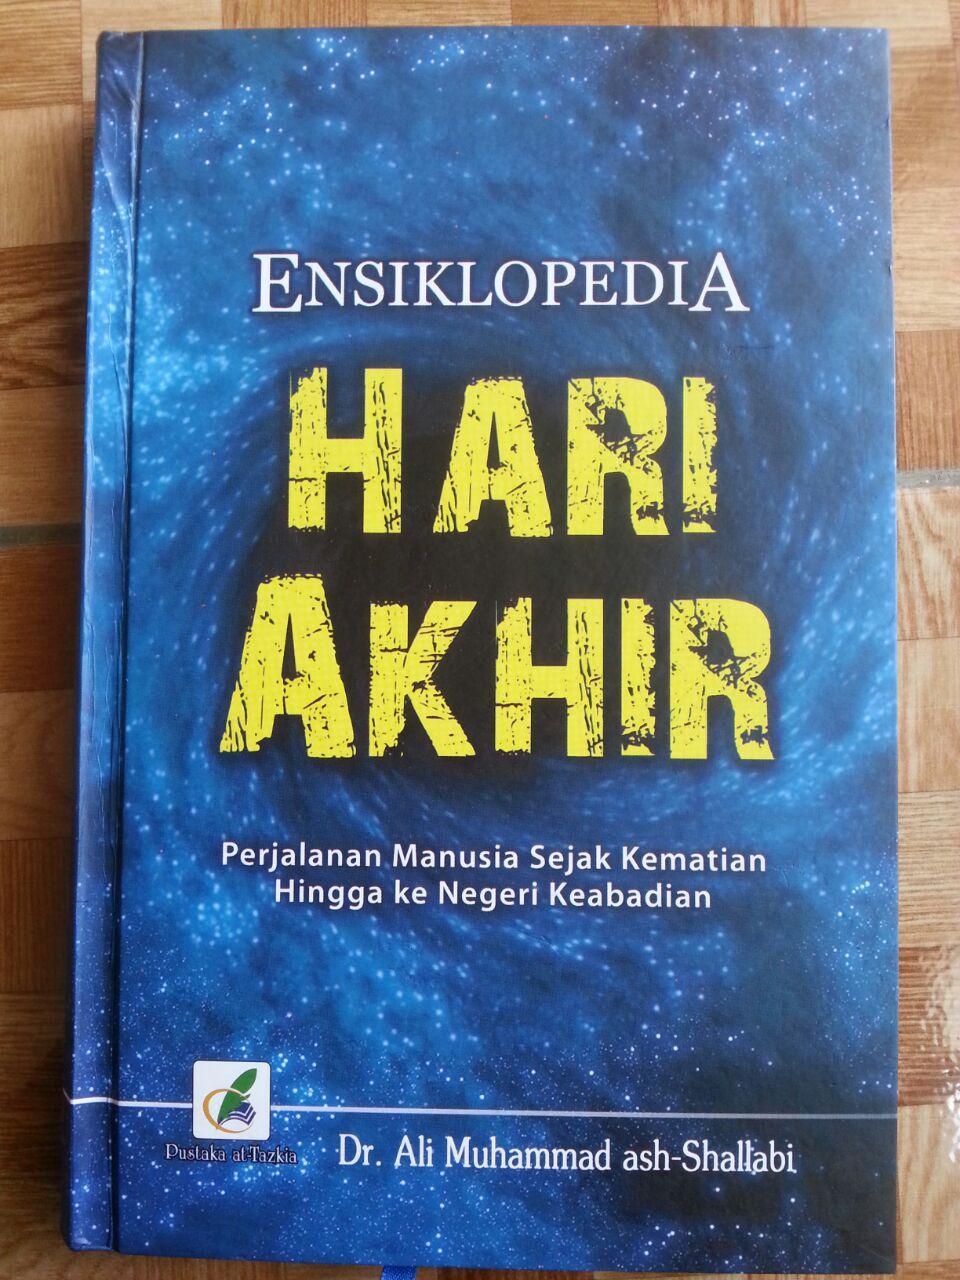 Buku Ensiklopedia Hari Akhir cover 2